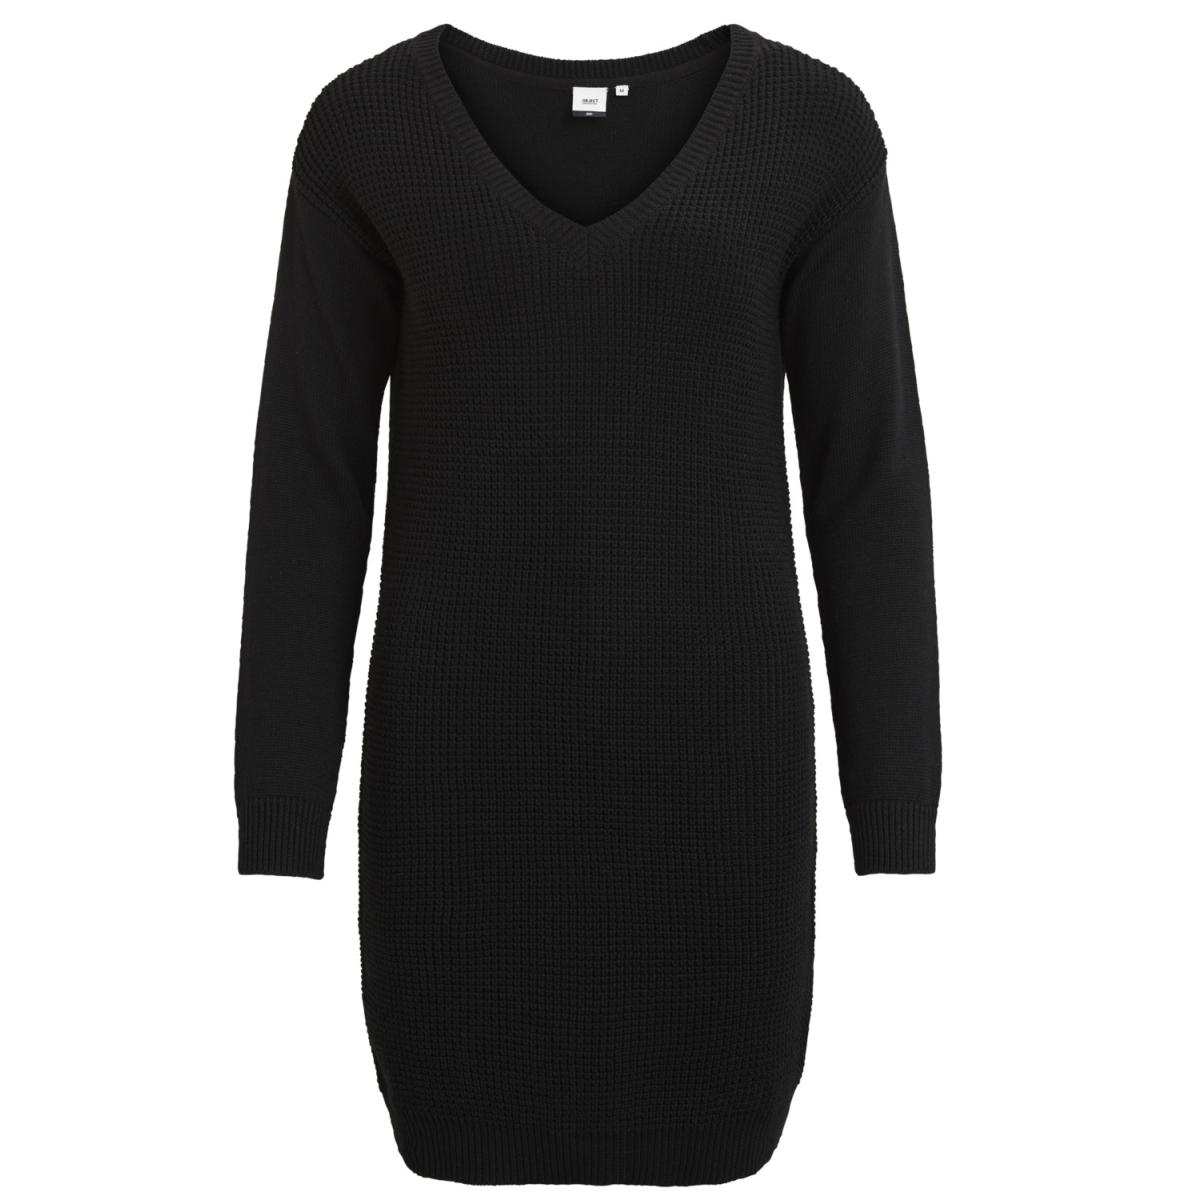 objdeah l/s knit dress 86 .i 23023274 object jurk black